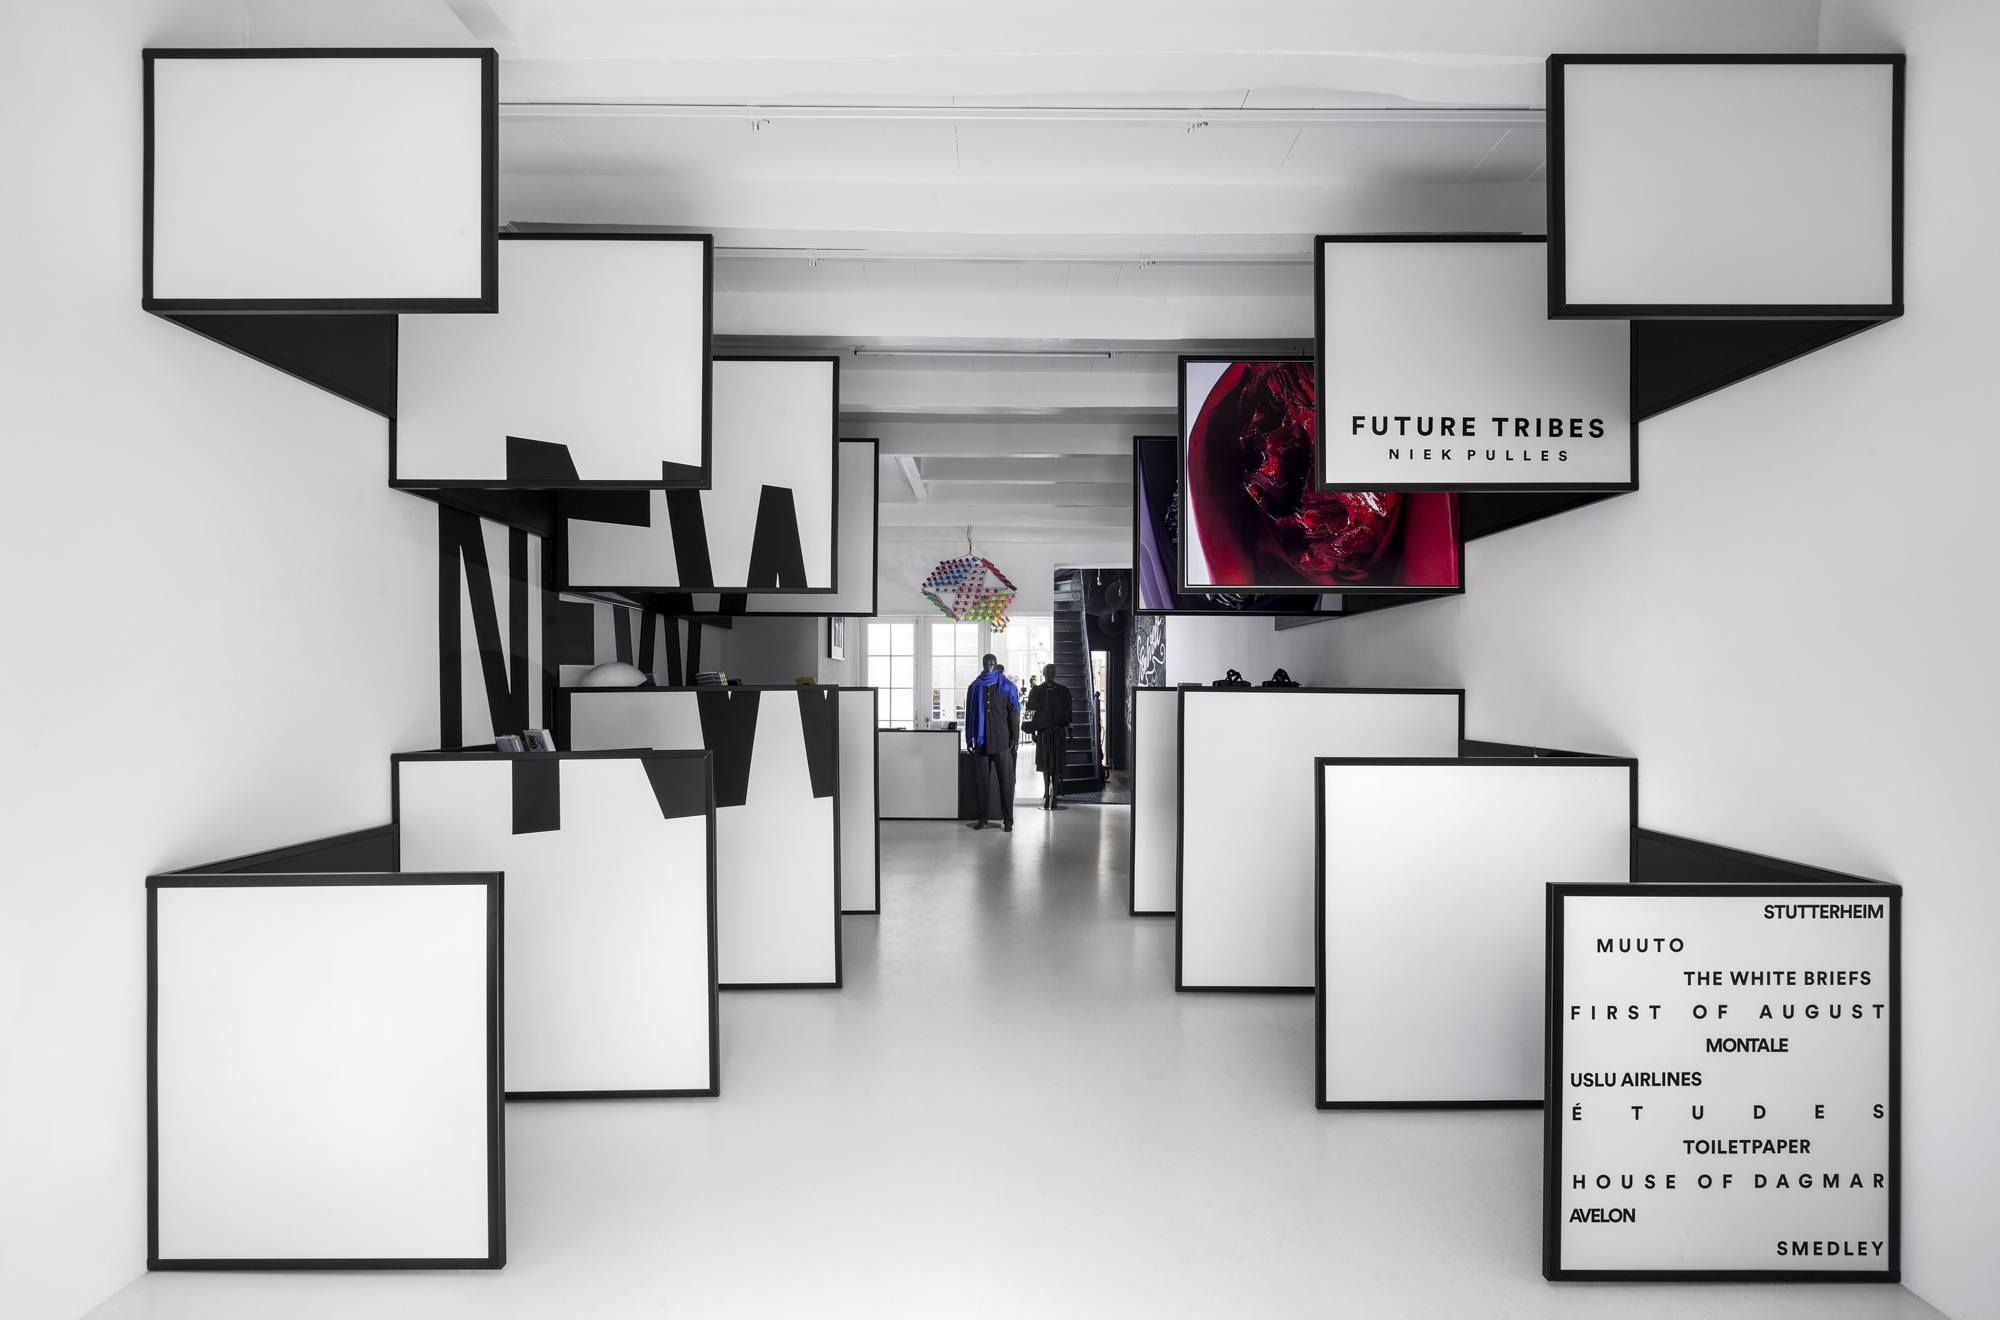 Interview van tijdschrift naar winkel jeroen dellensen i29 over ontwerp frame store - Deur tijdschrift nieuws ...